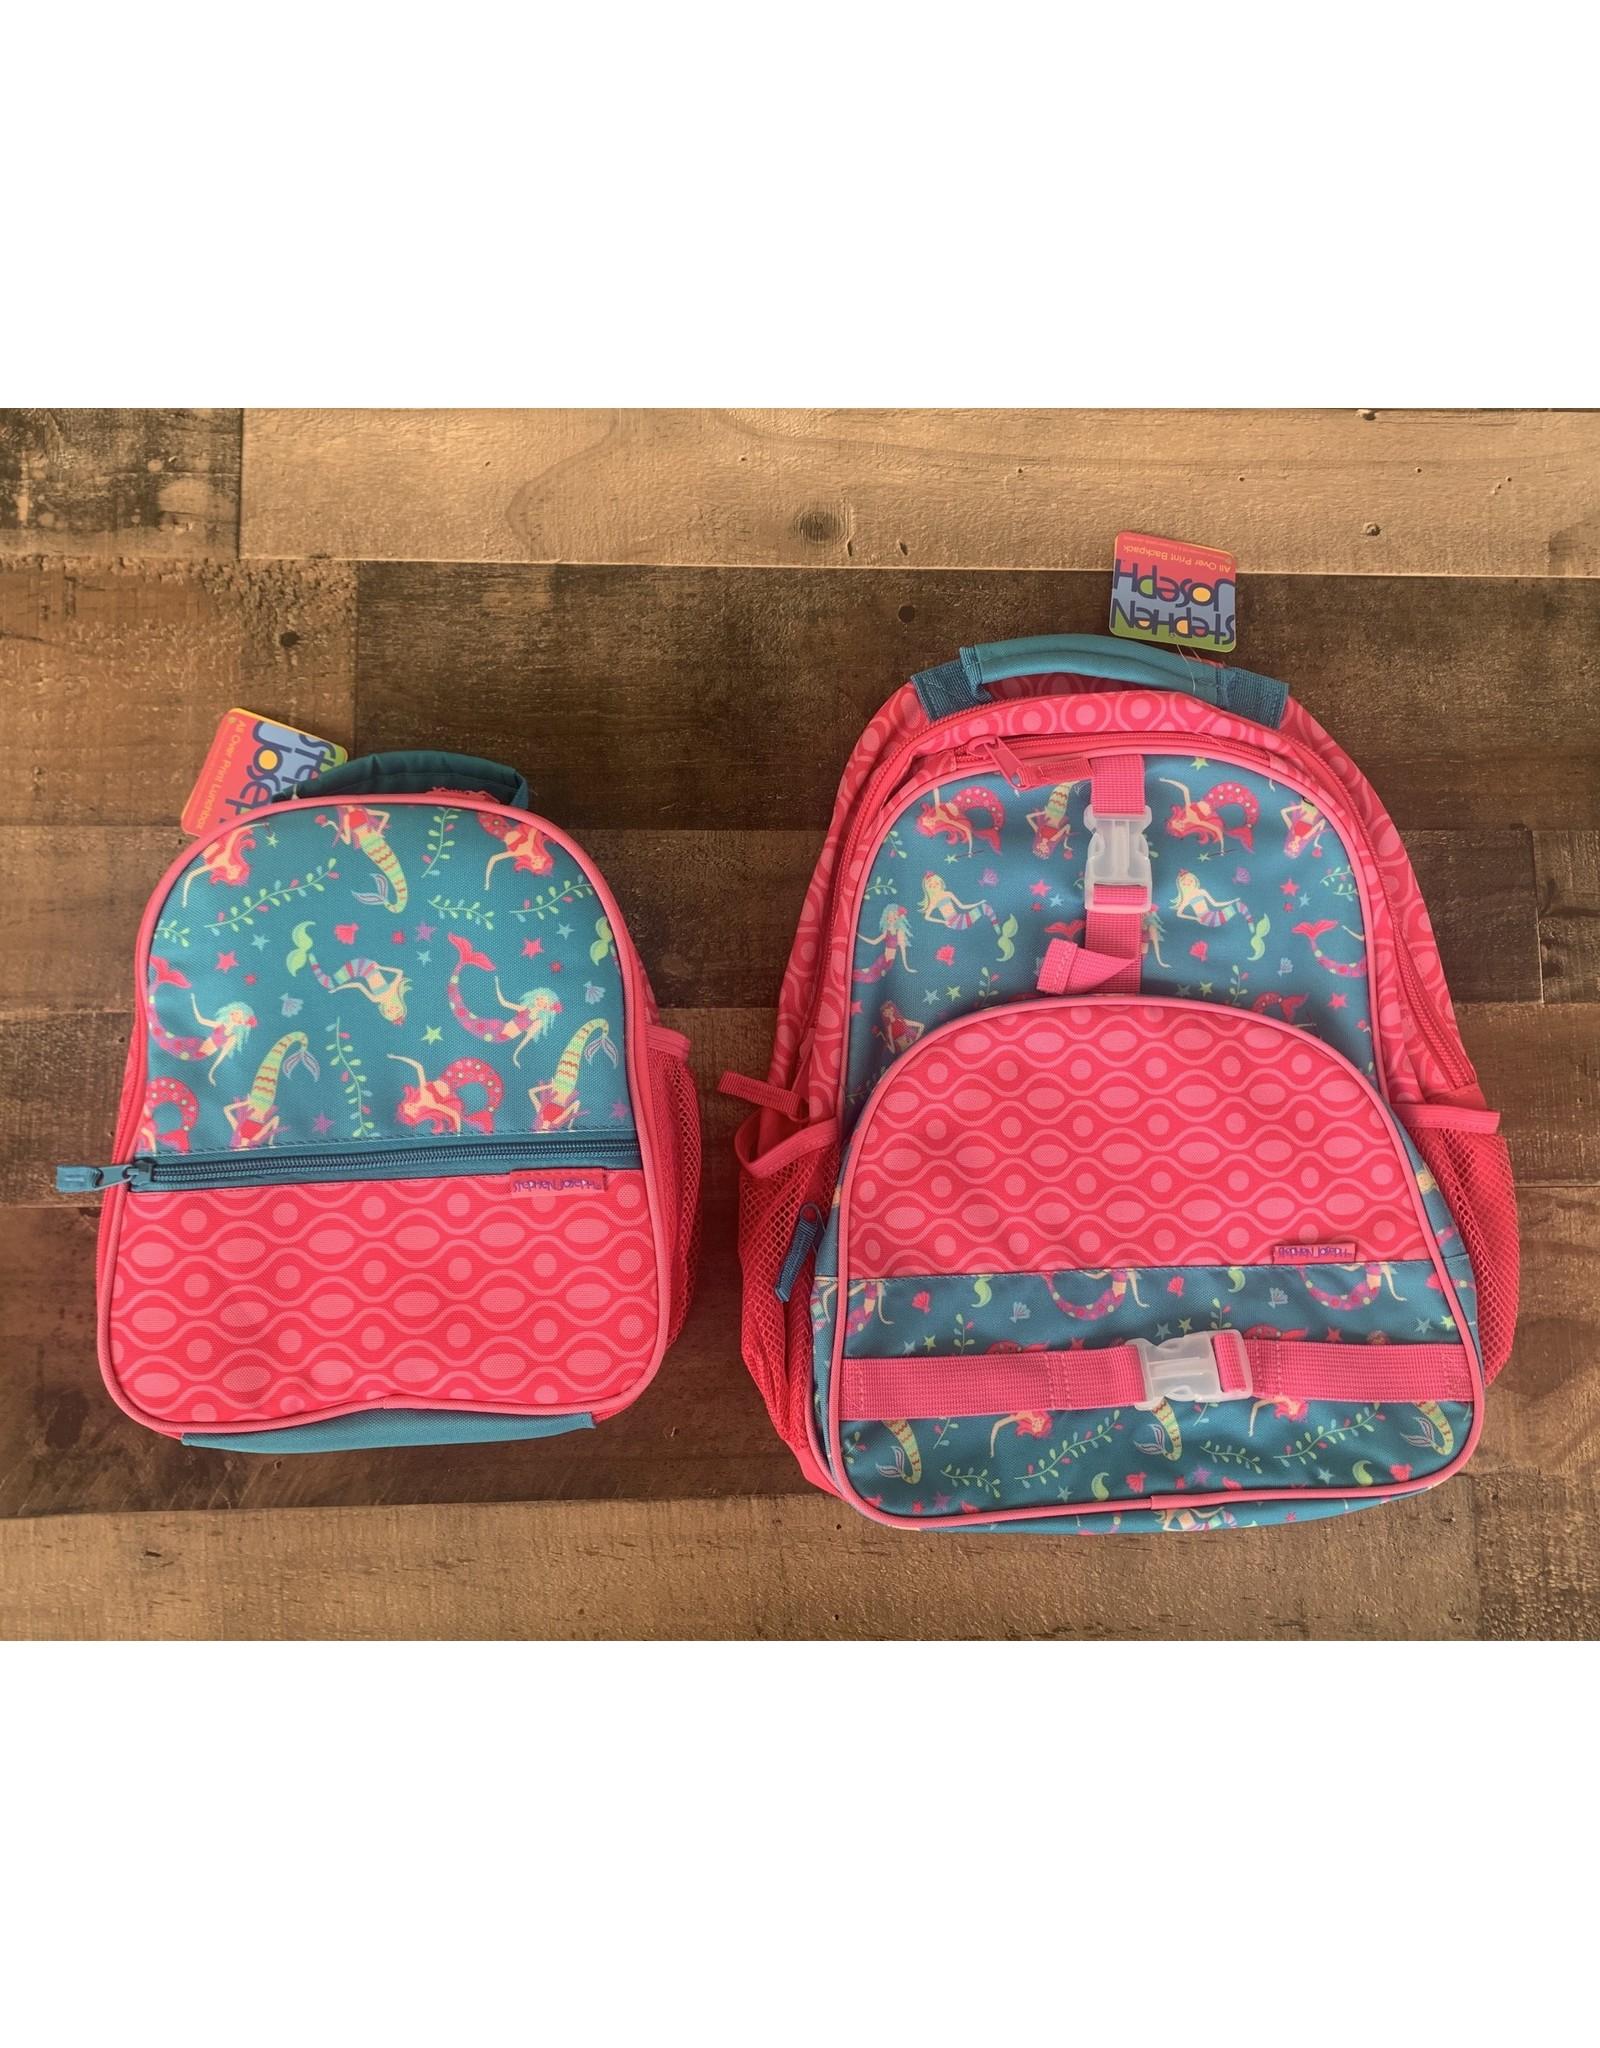 stephen joseph Stephen & Joseph - All Over Print Mermaid Backpack & Lunchbox Set